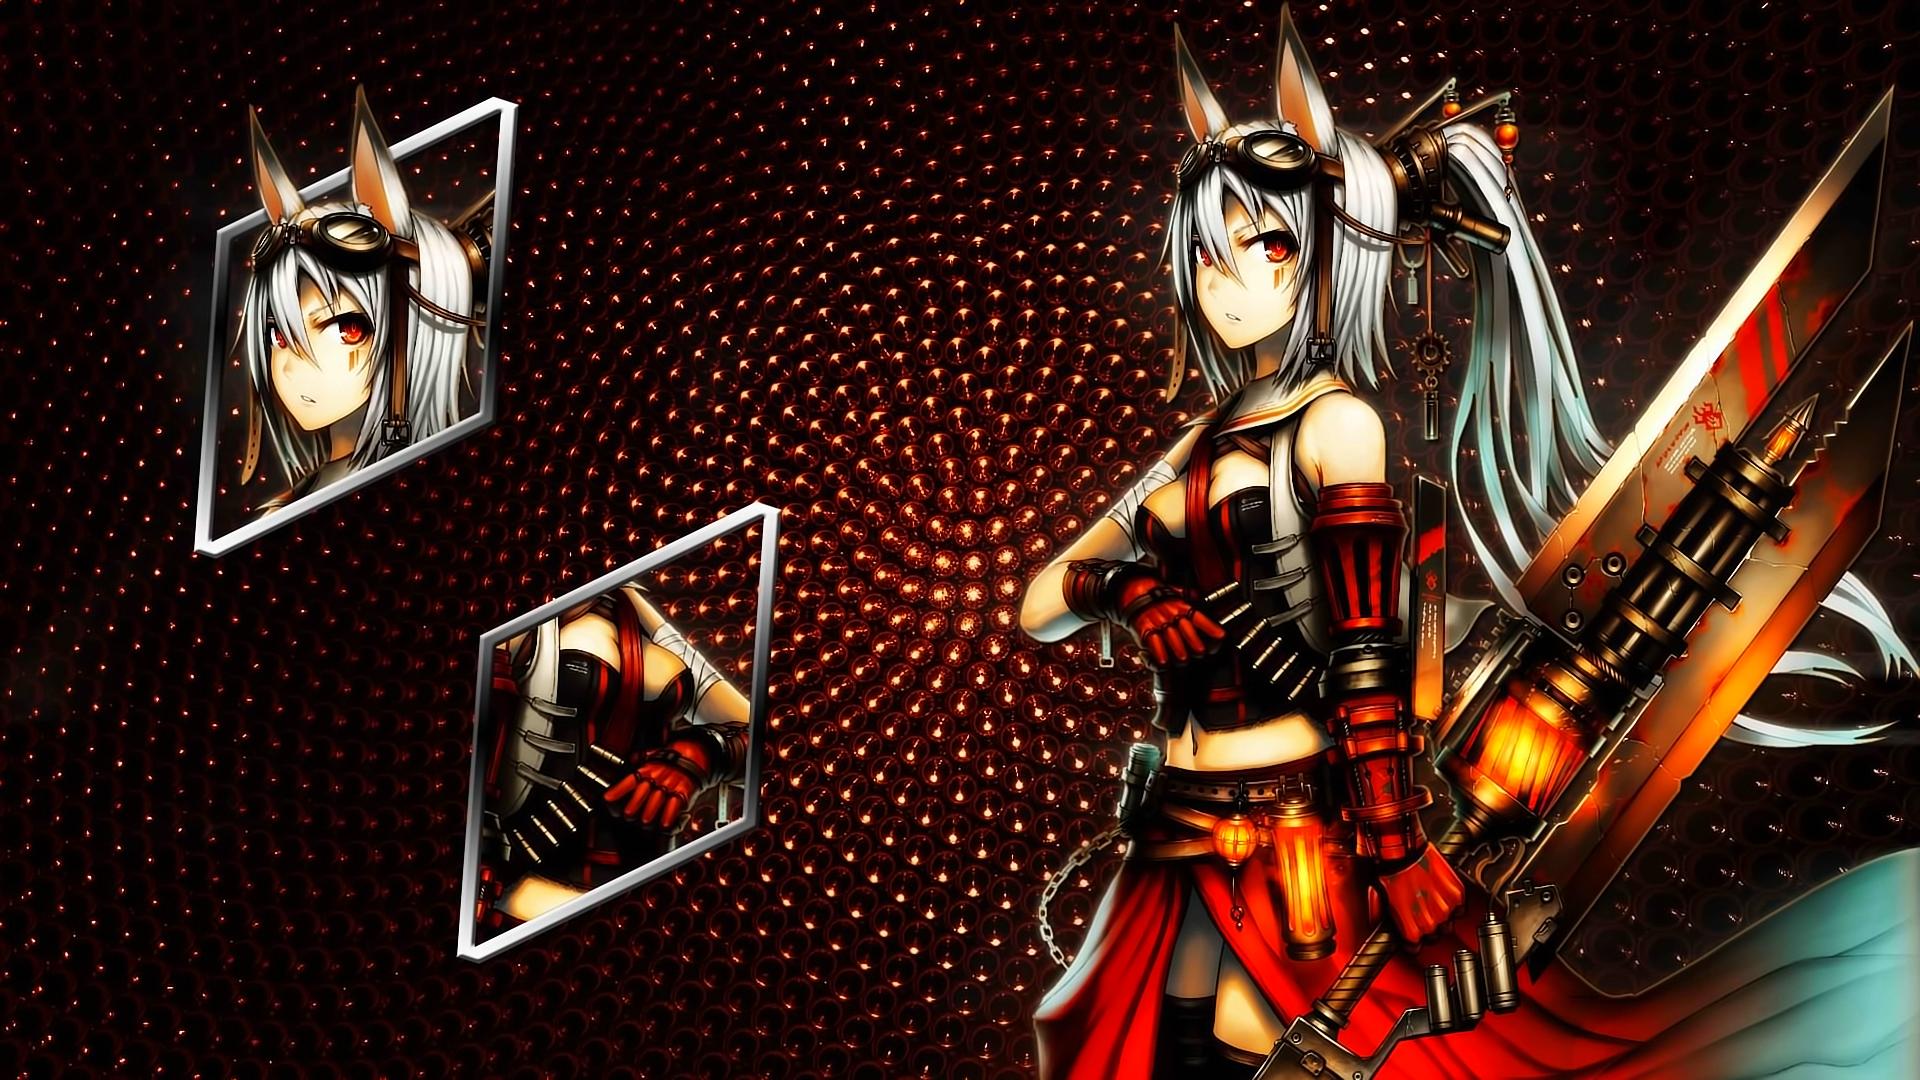 Neko Girl Sword Wallpaper 1920x1080